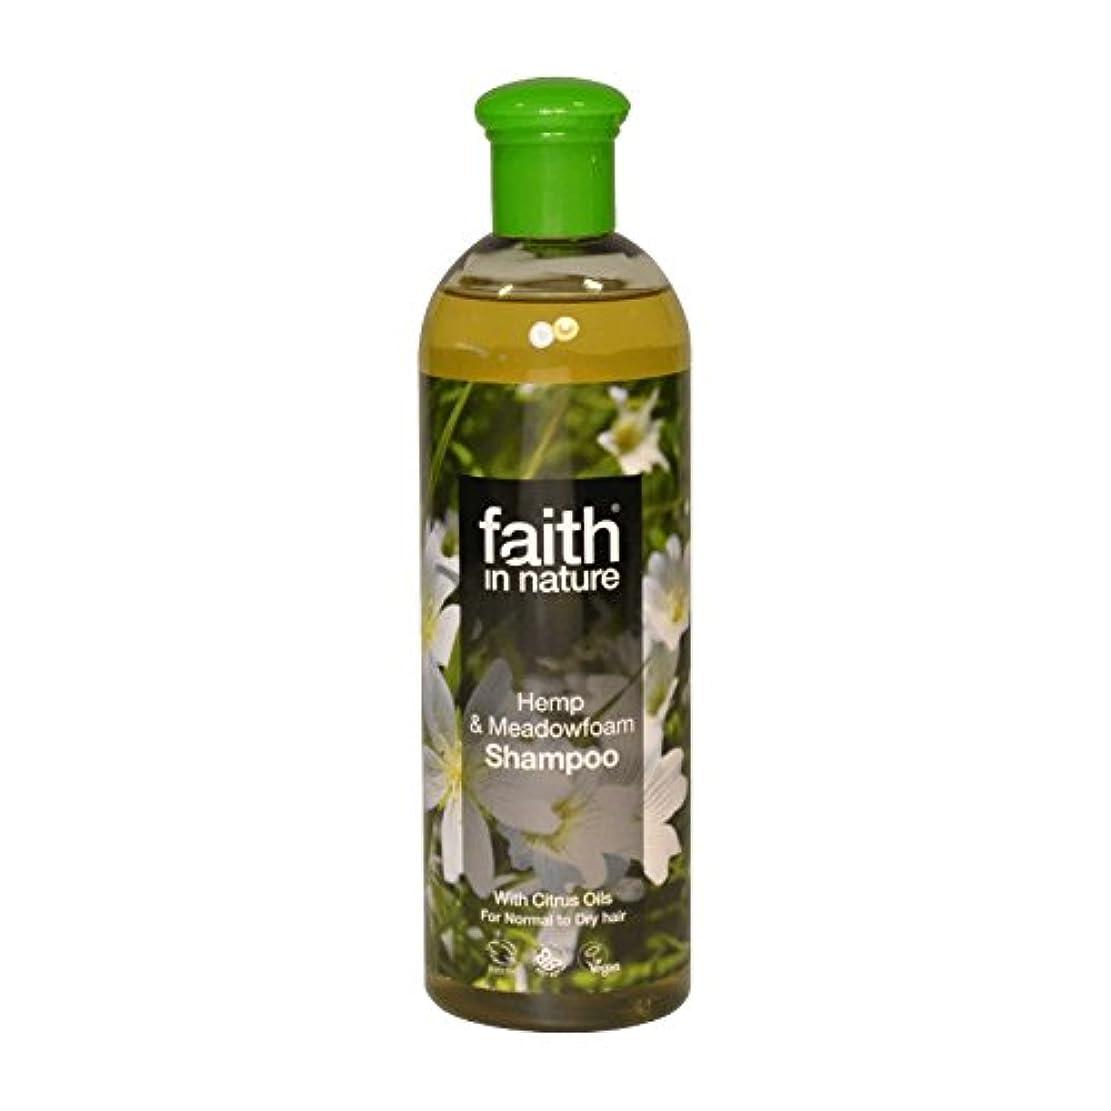 救い私達危険を冒しますFaith in Nature Hemp & Meadowfoam Shampoo 400ml (Pack of 2) - 自然の麻&メドウフォームシャンプー400ミリリットルの信仰 (x2) [並行輸入品]